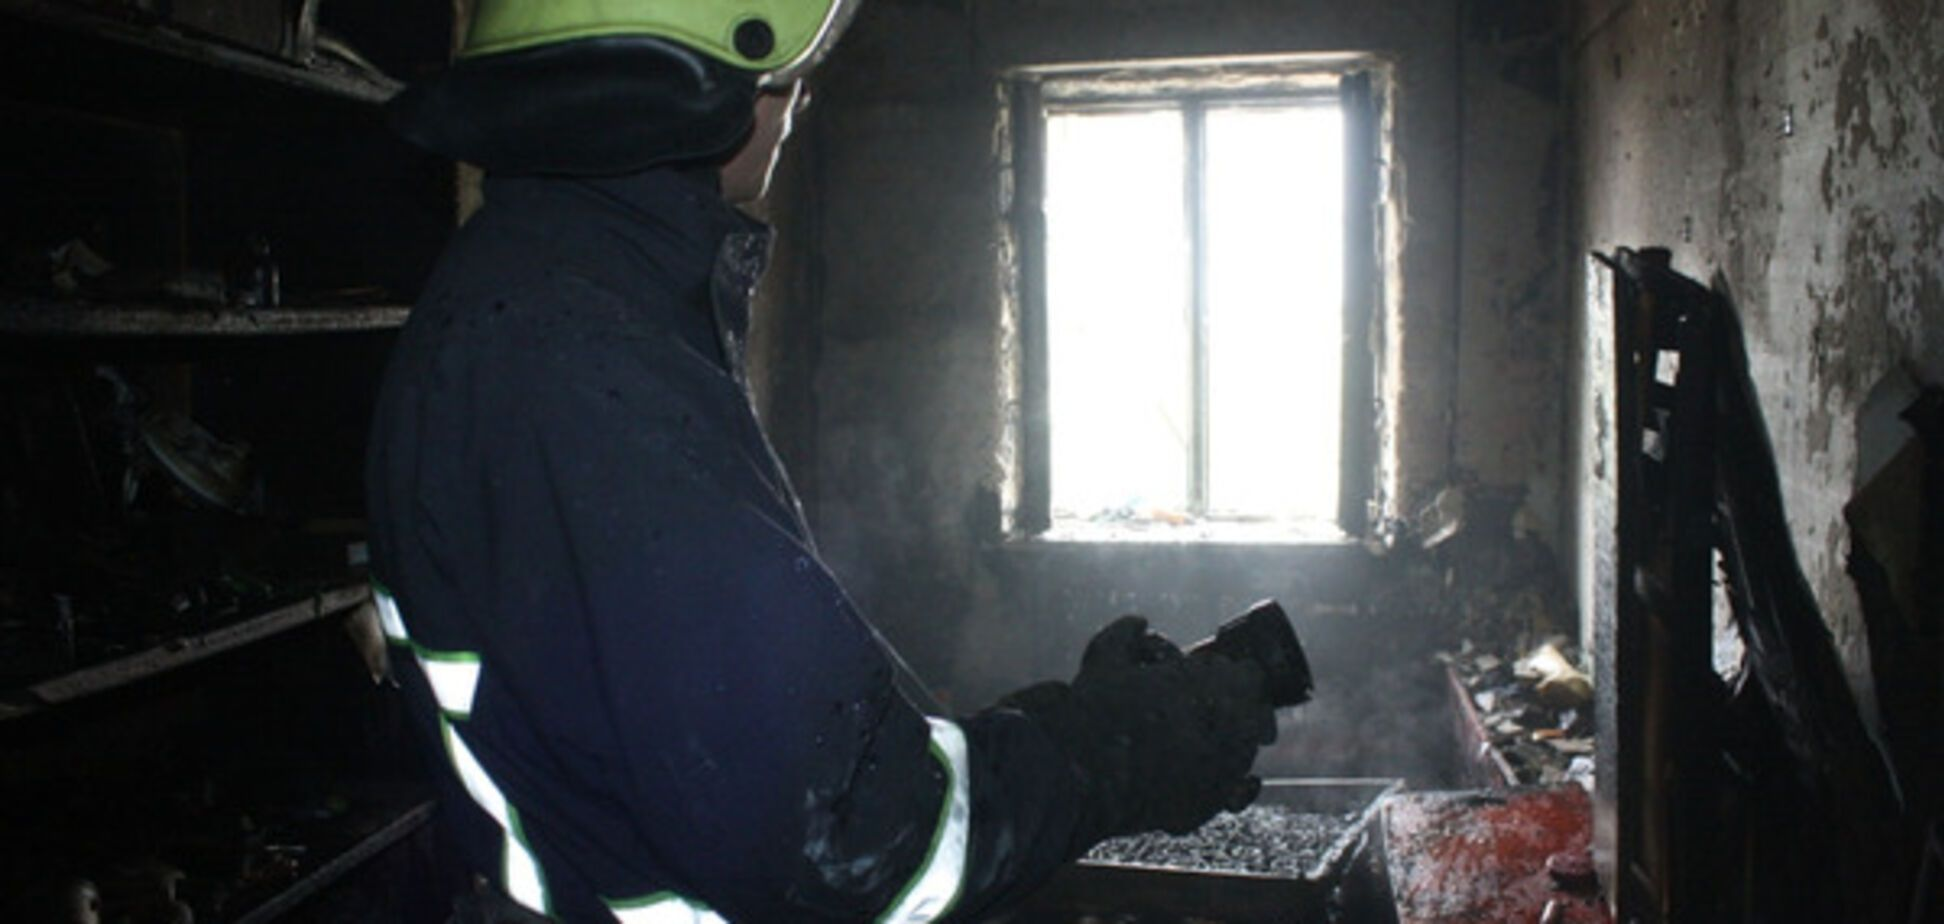 Из-за пожара в запорожской многоэтажке пришлось эвакуировать людей (ФОТО)